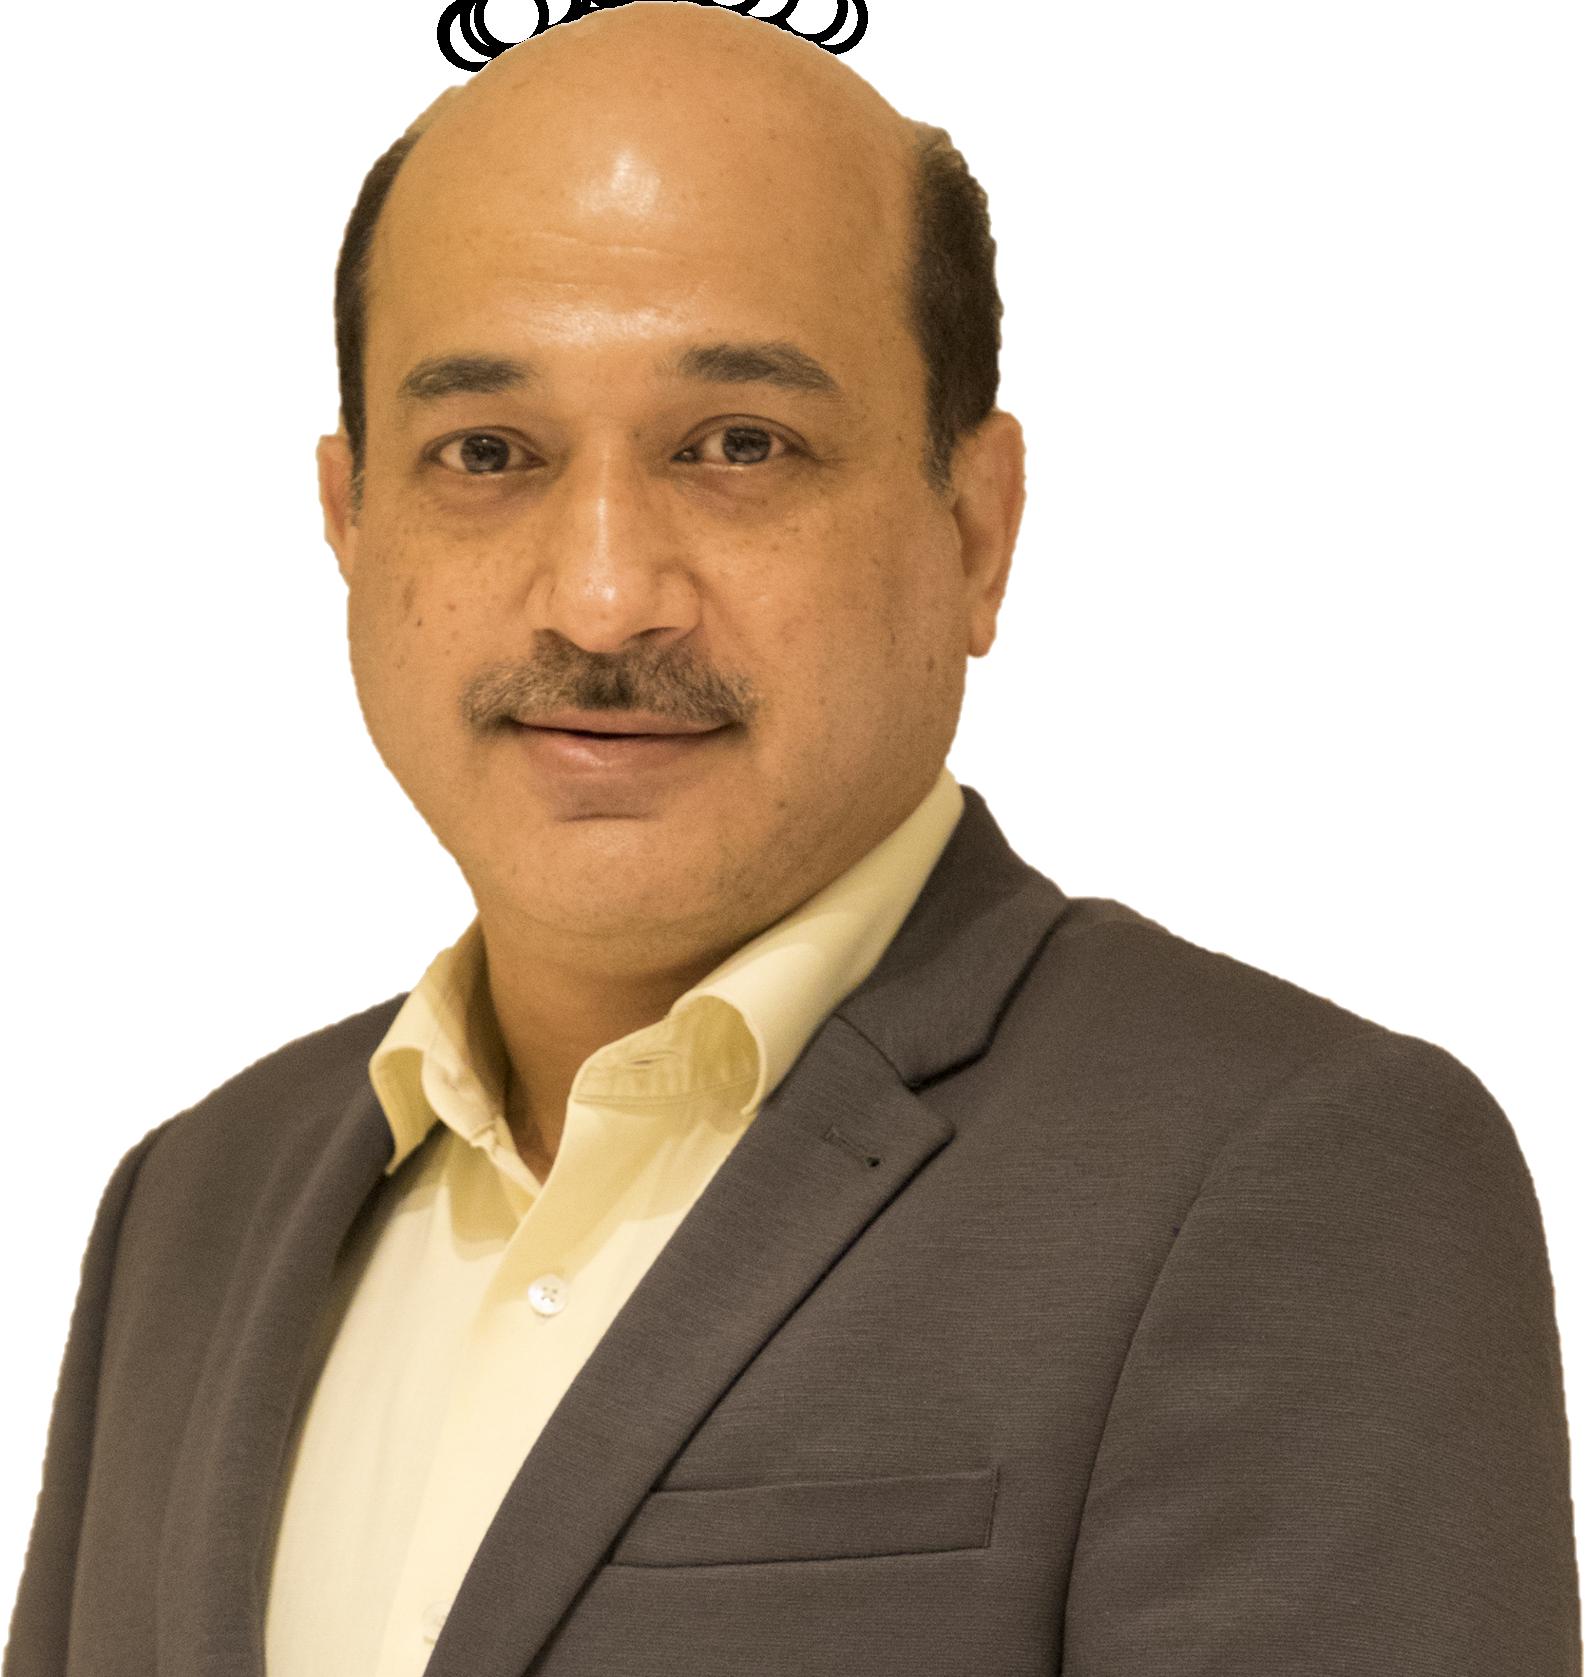 Mr. Parind Prabhudesai